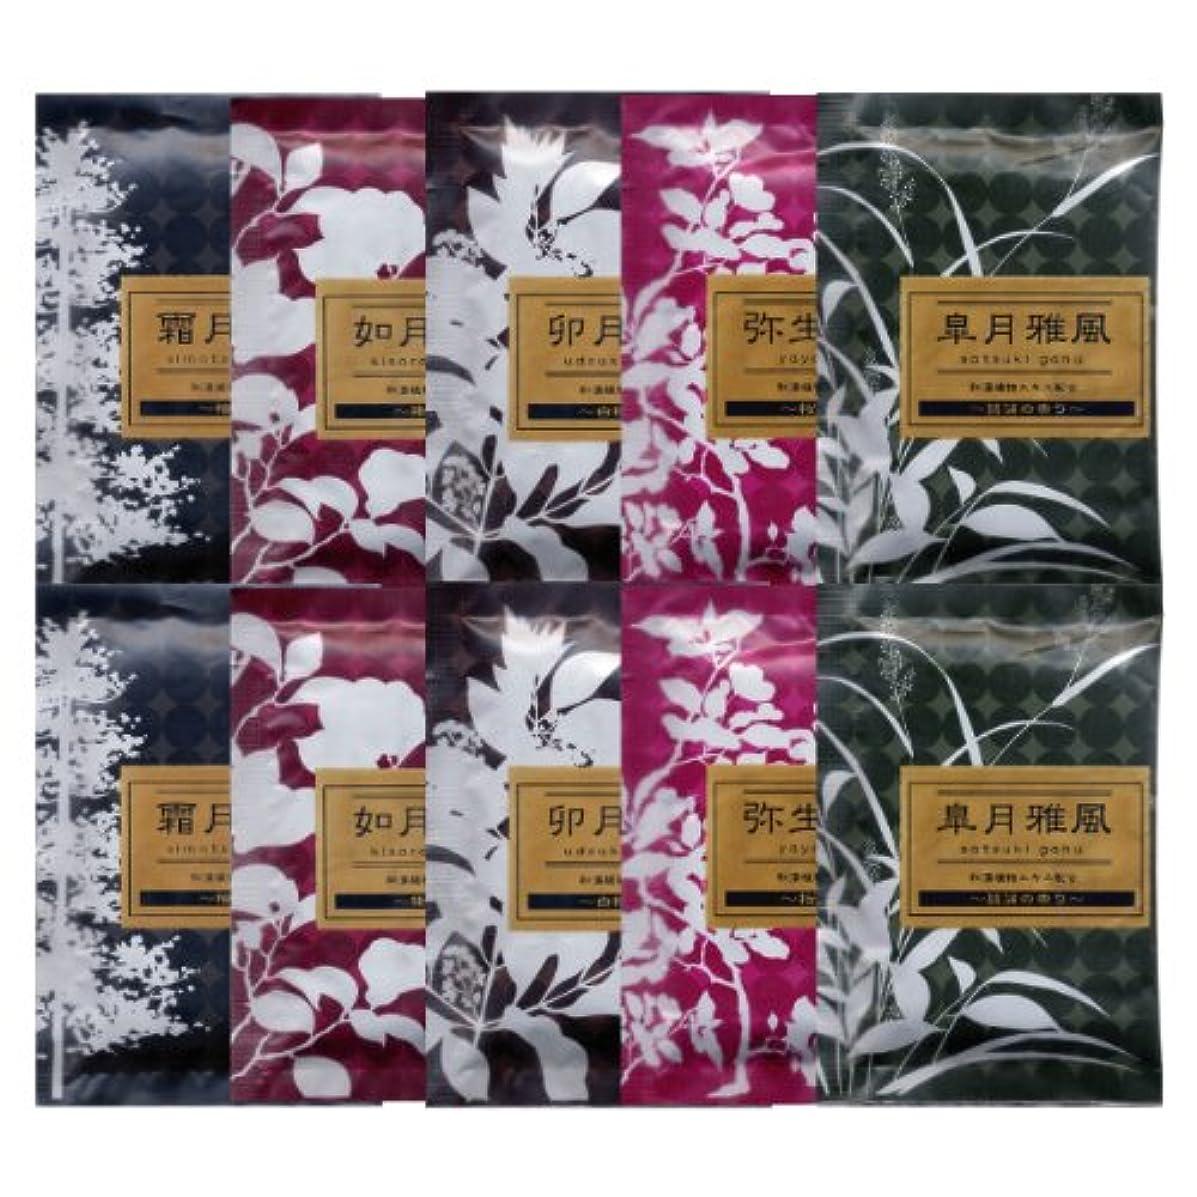 合併症インフレーション磁気薬用入浴剤 綺羅の刻 5種類×2 10包